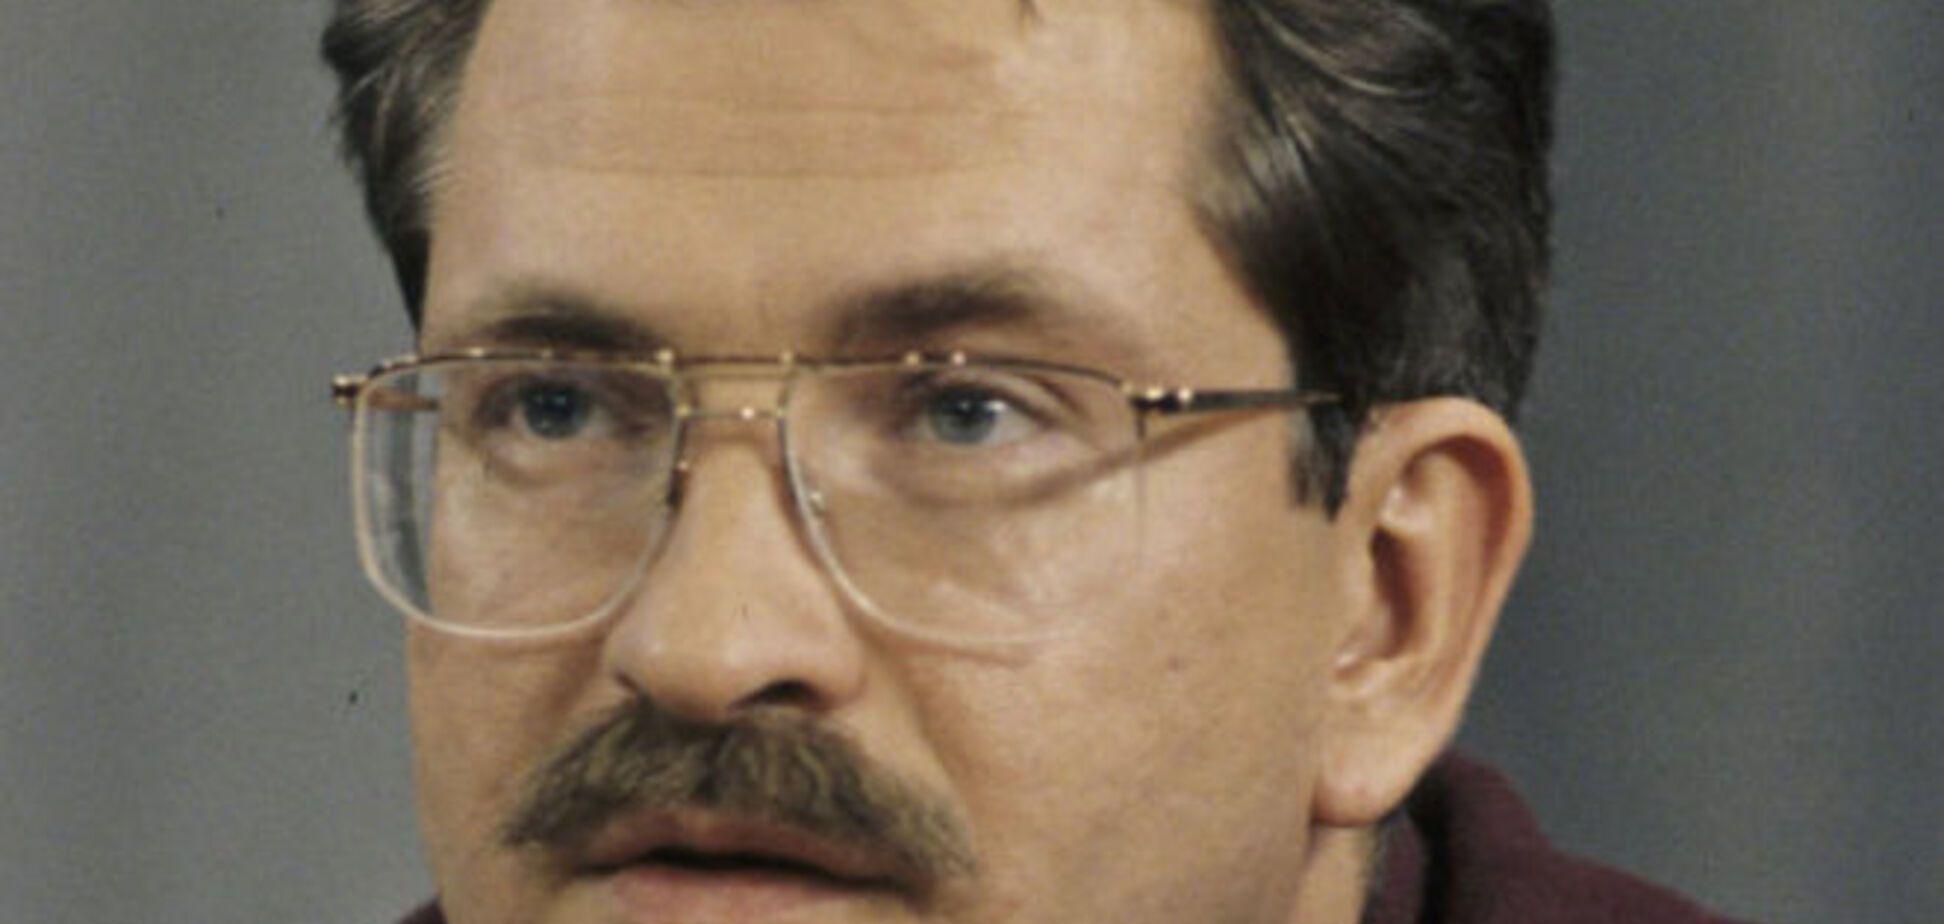 Исполнители и заказчик убийства Листьева были установлены – бывший генпрокурор России